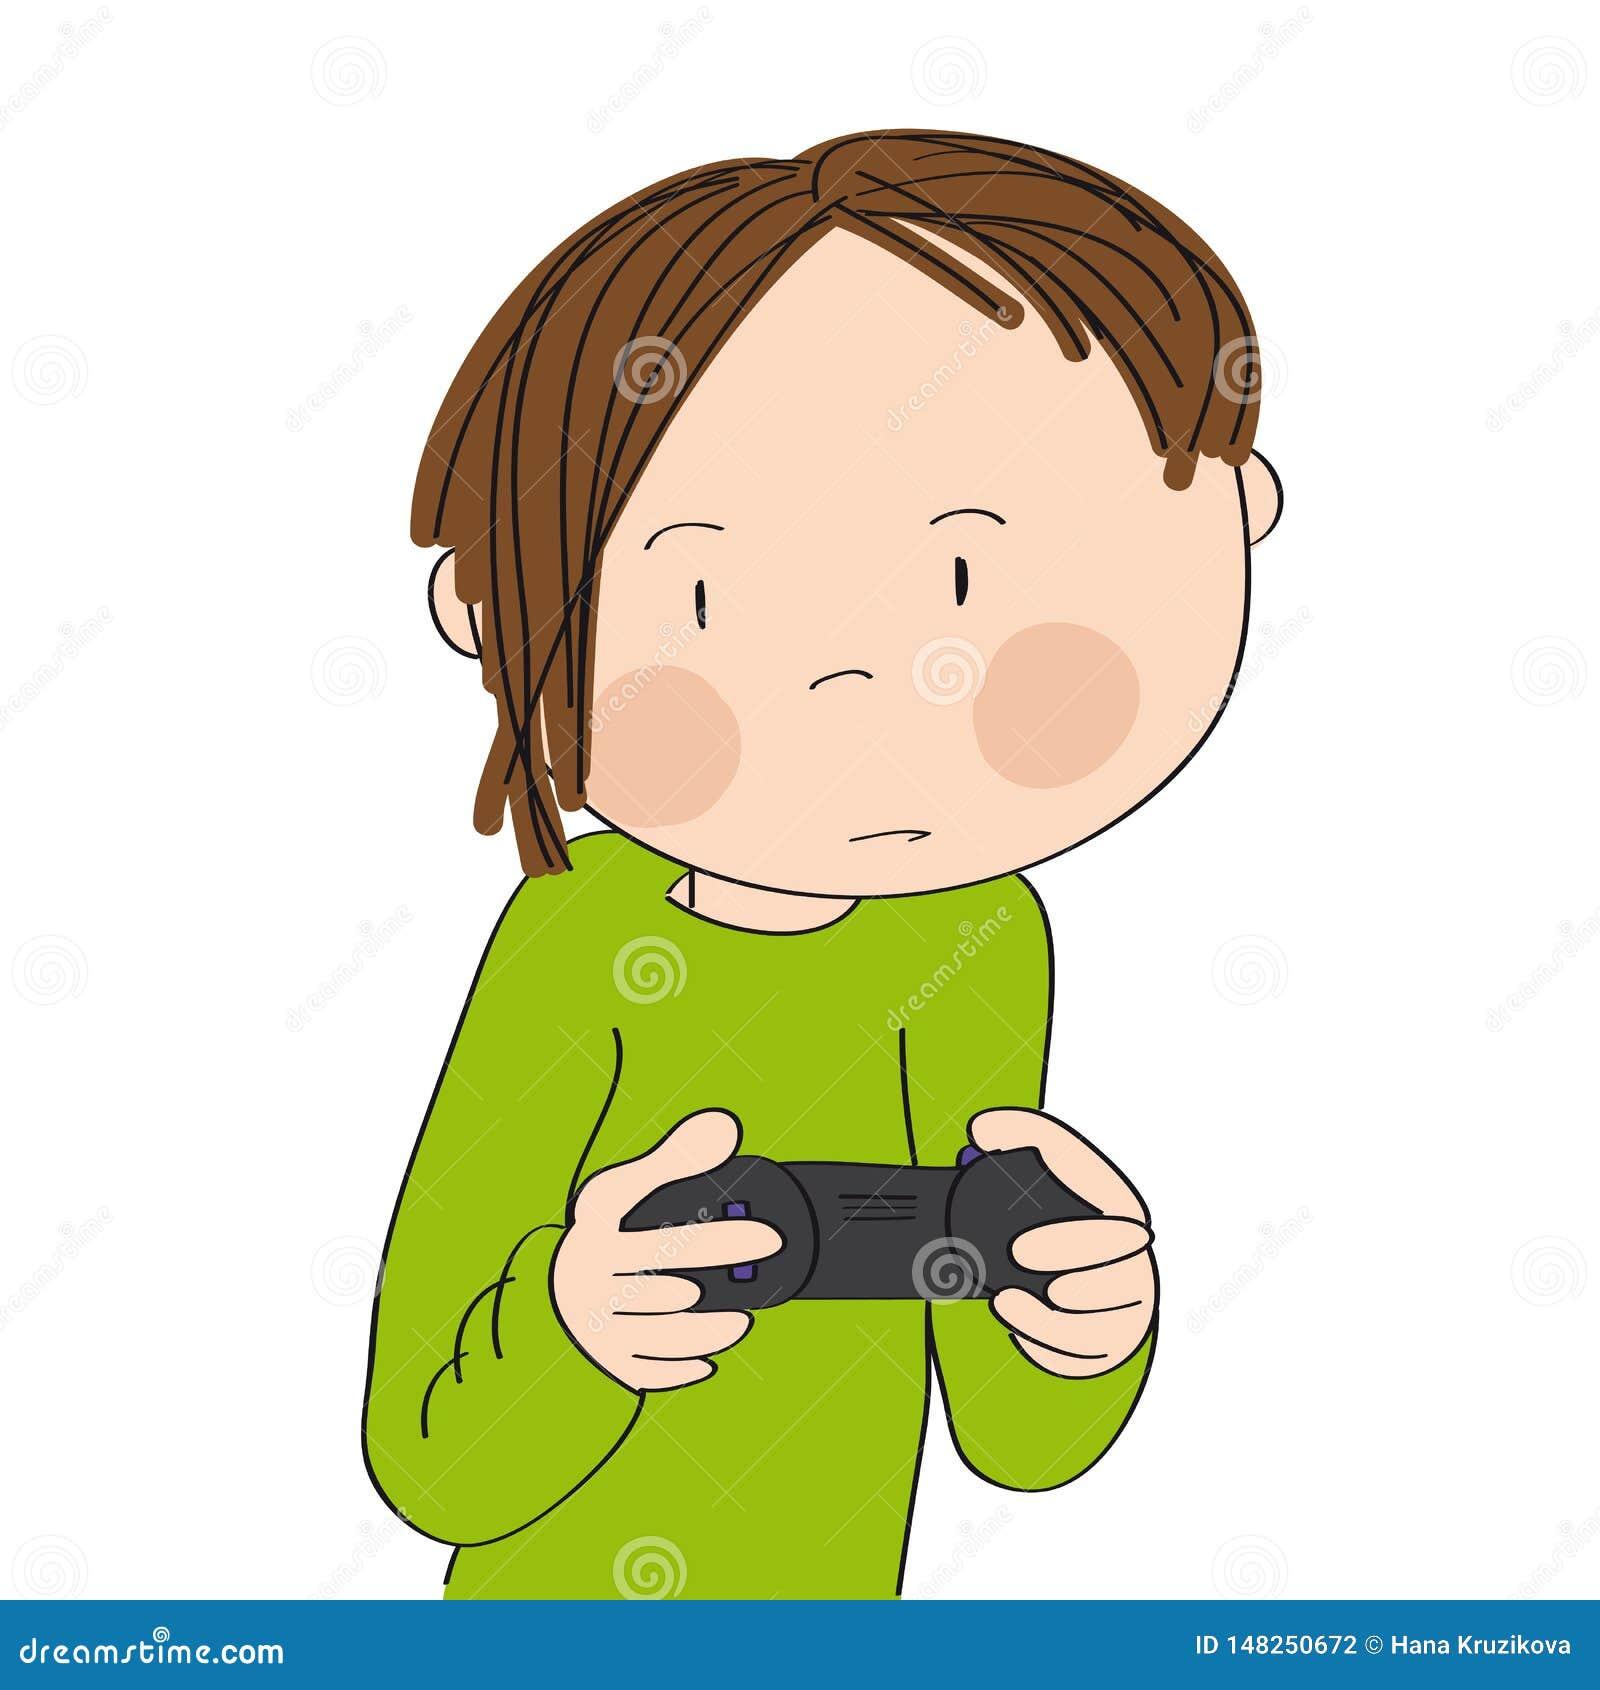 Adolescente che gioca i video giochi sulla console del gioco, leva di comando della tenuta, molto essendo concentrando